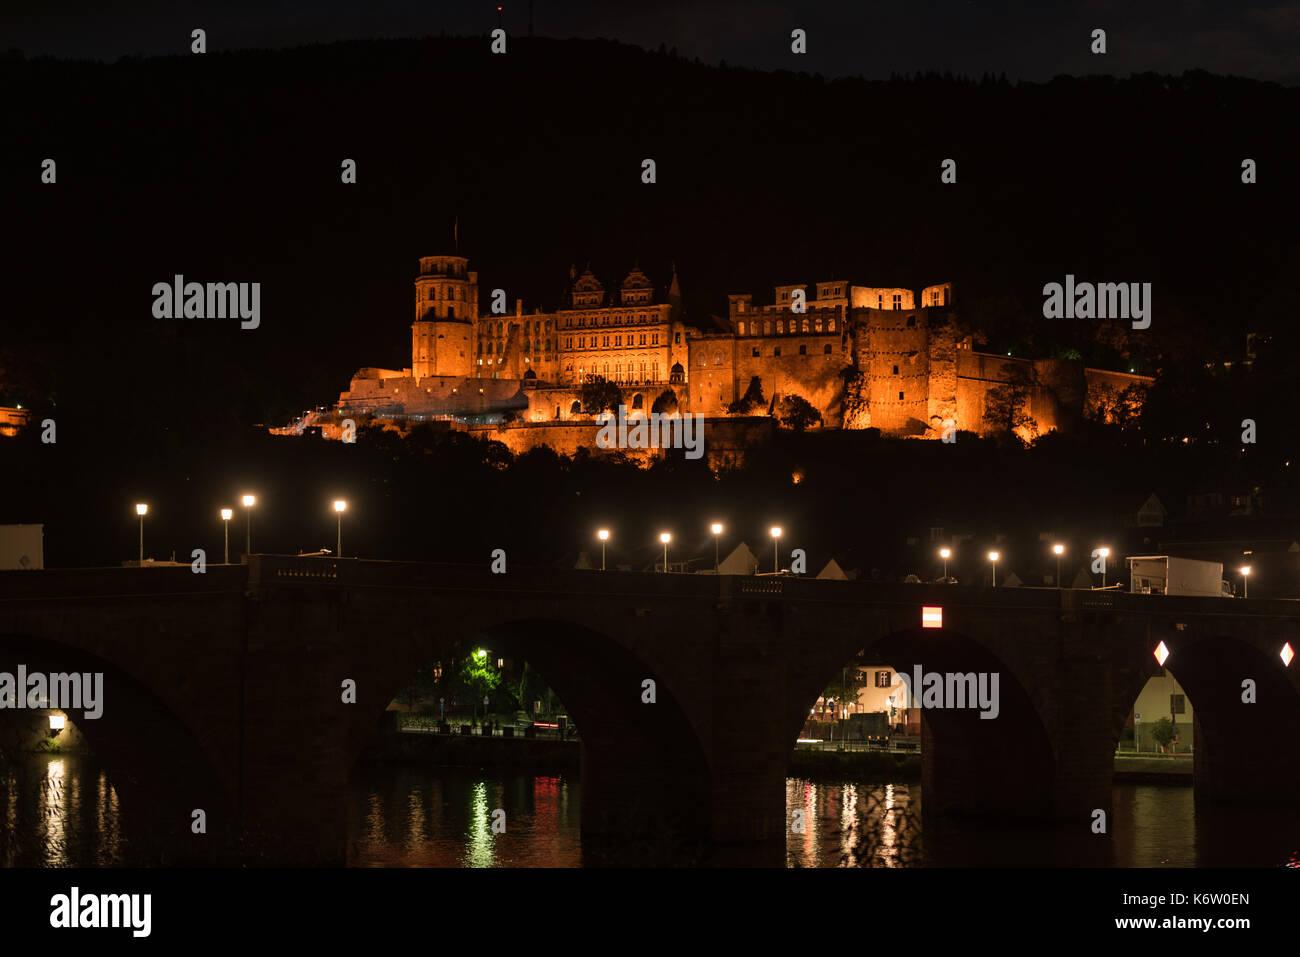 Reisen, Deutschland, Badenwürtemberg, Heidelberg, Neckarufer, September 02. Das bei Nacht beleuchtete Heidelberger Schloss. - Stock Image